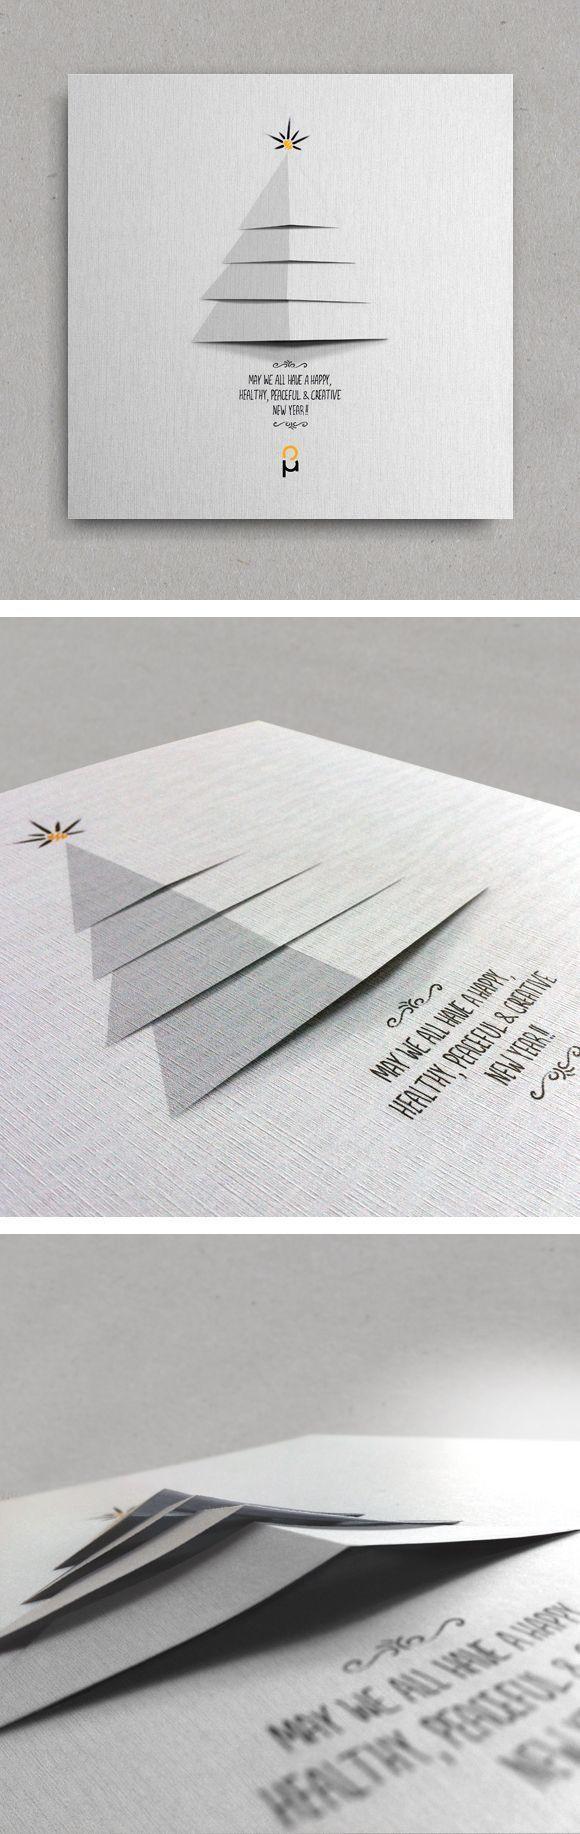 Inspiration graphique #2 : 30 cartes de voeux originales pour vous donner des idées ! | Blog du Webdesign                                                                                                                                                                                 Plus